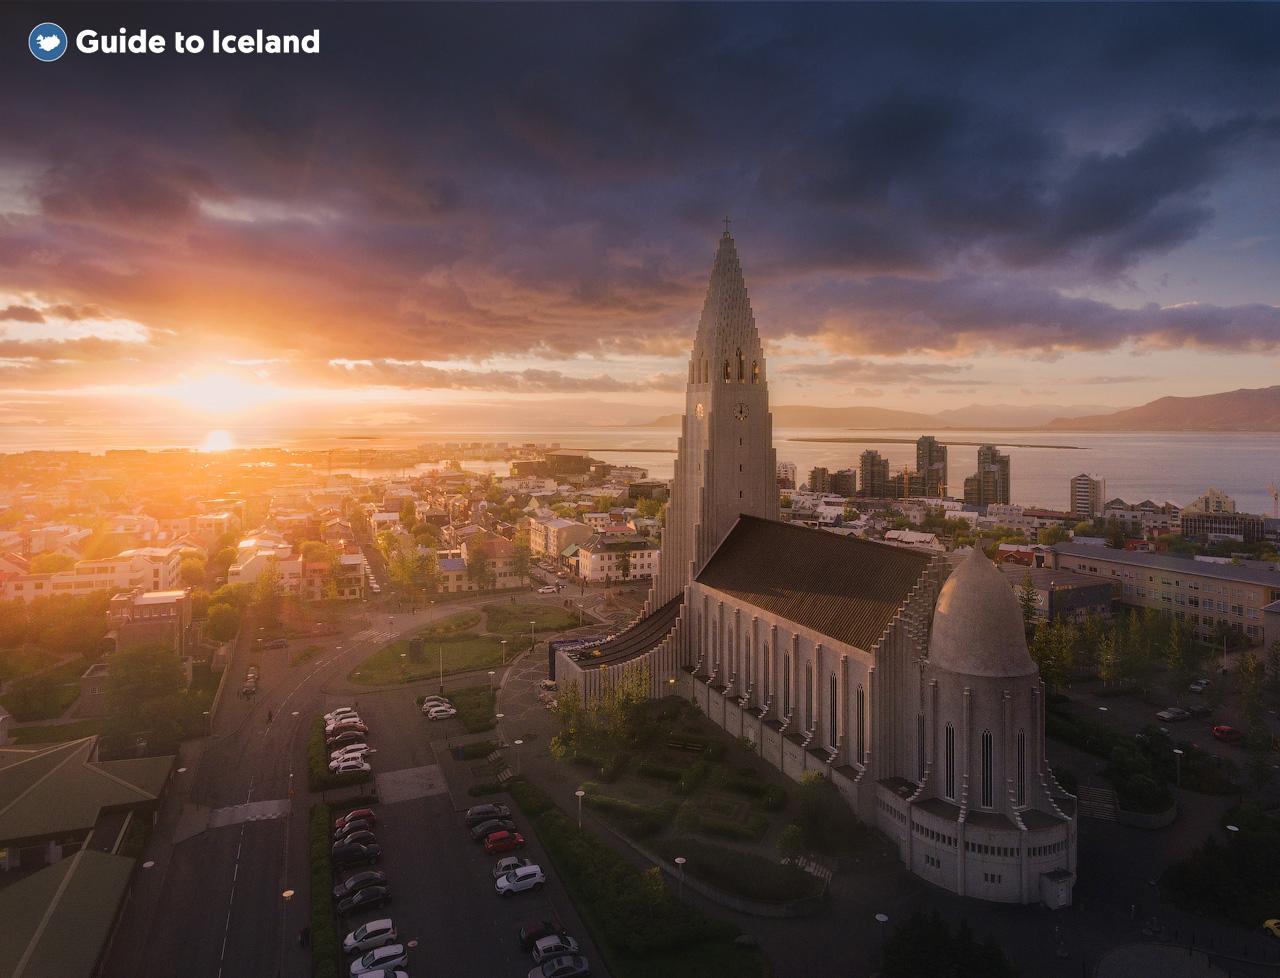 10 dni, samodzielna podróż   Dookoła Islandii zgodnie z ruchem wskazówek zegara - day 10